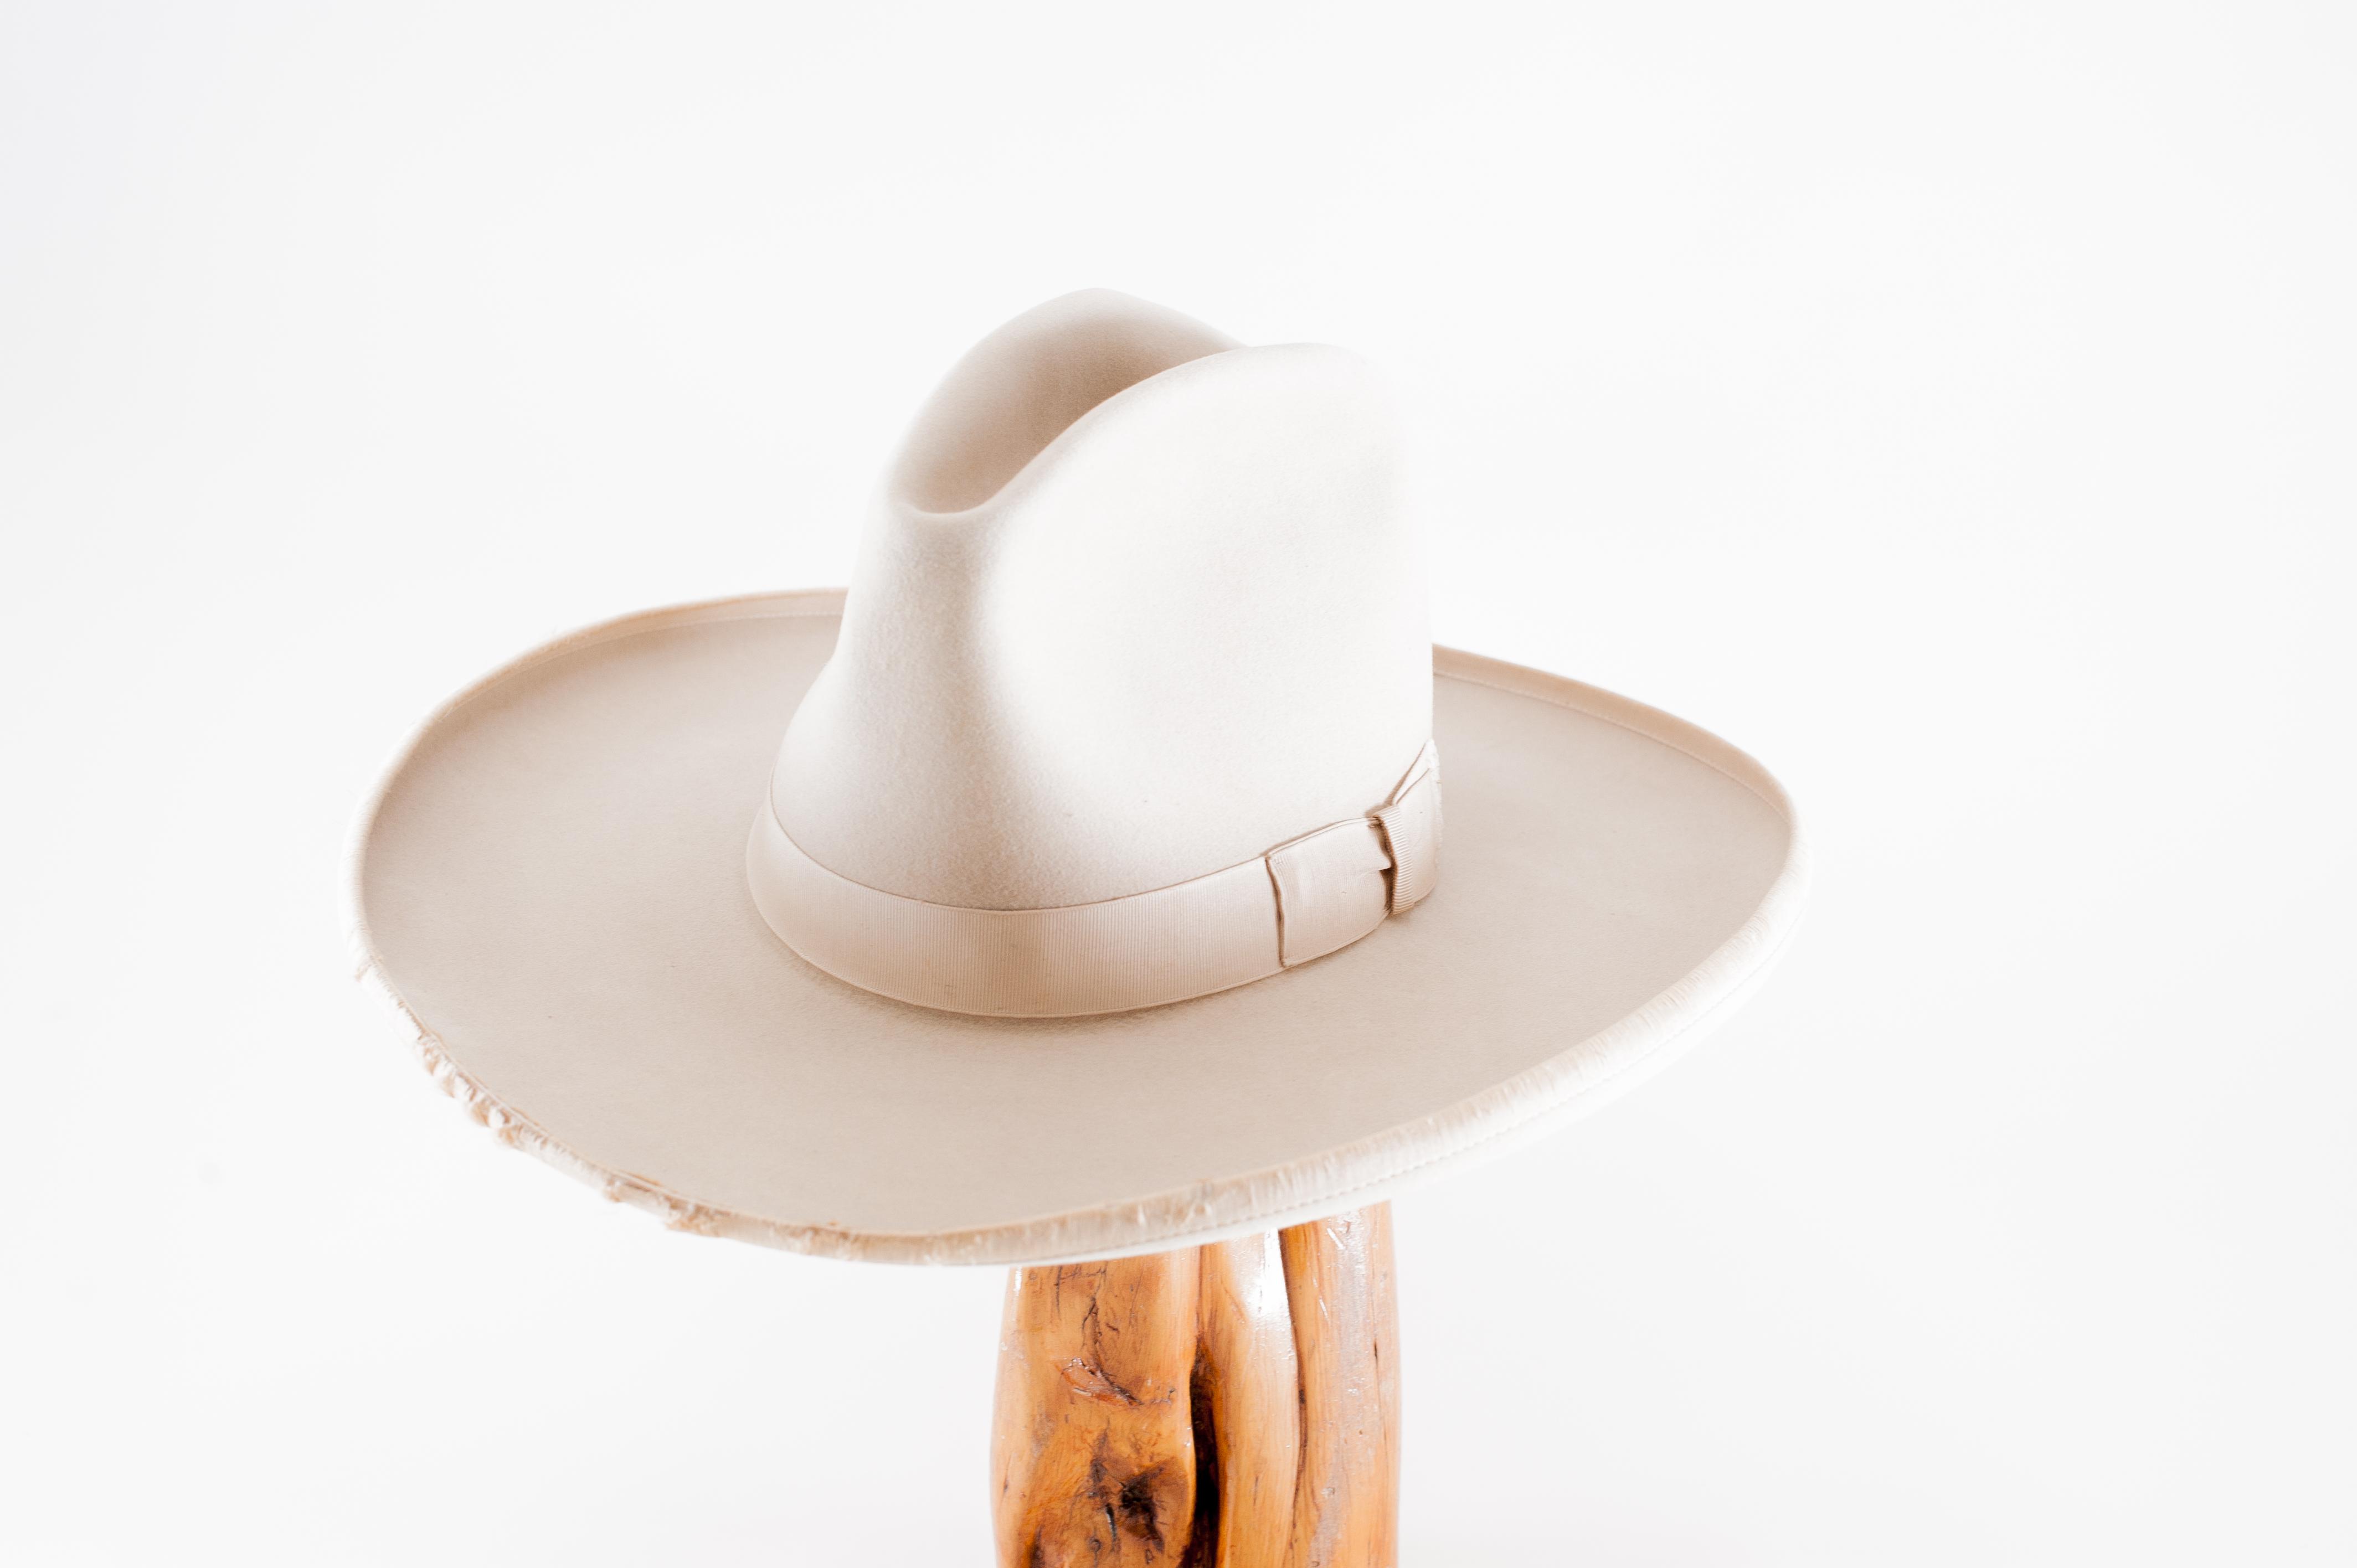 STETSON NUTRIA FUR COWBOY HAT - S.E.L.L. Antiques d95684e0f90